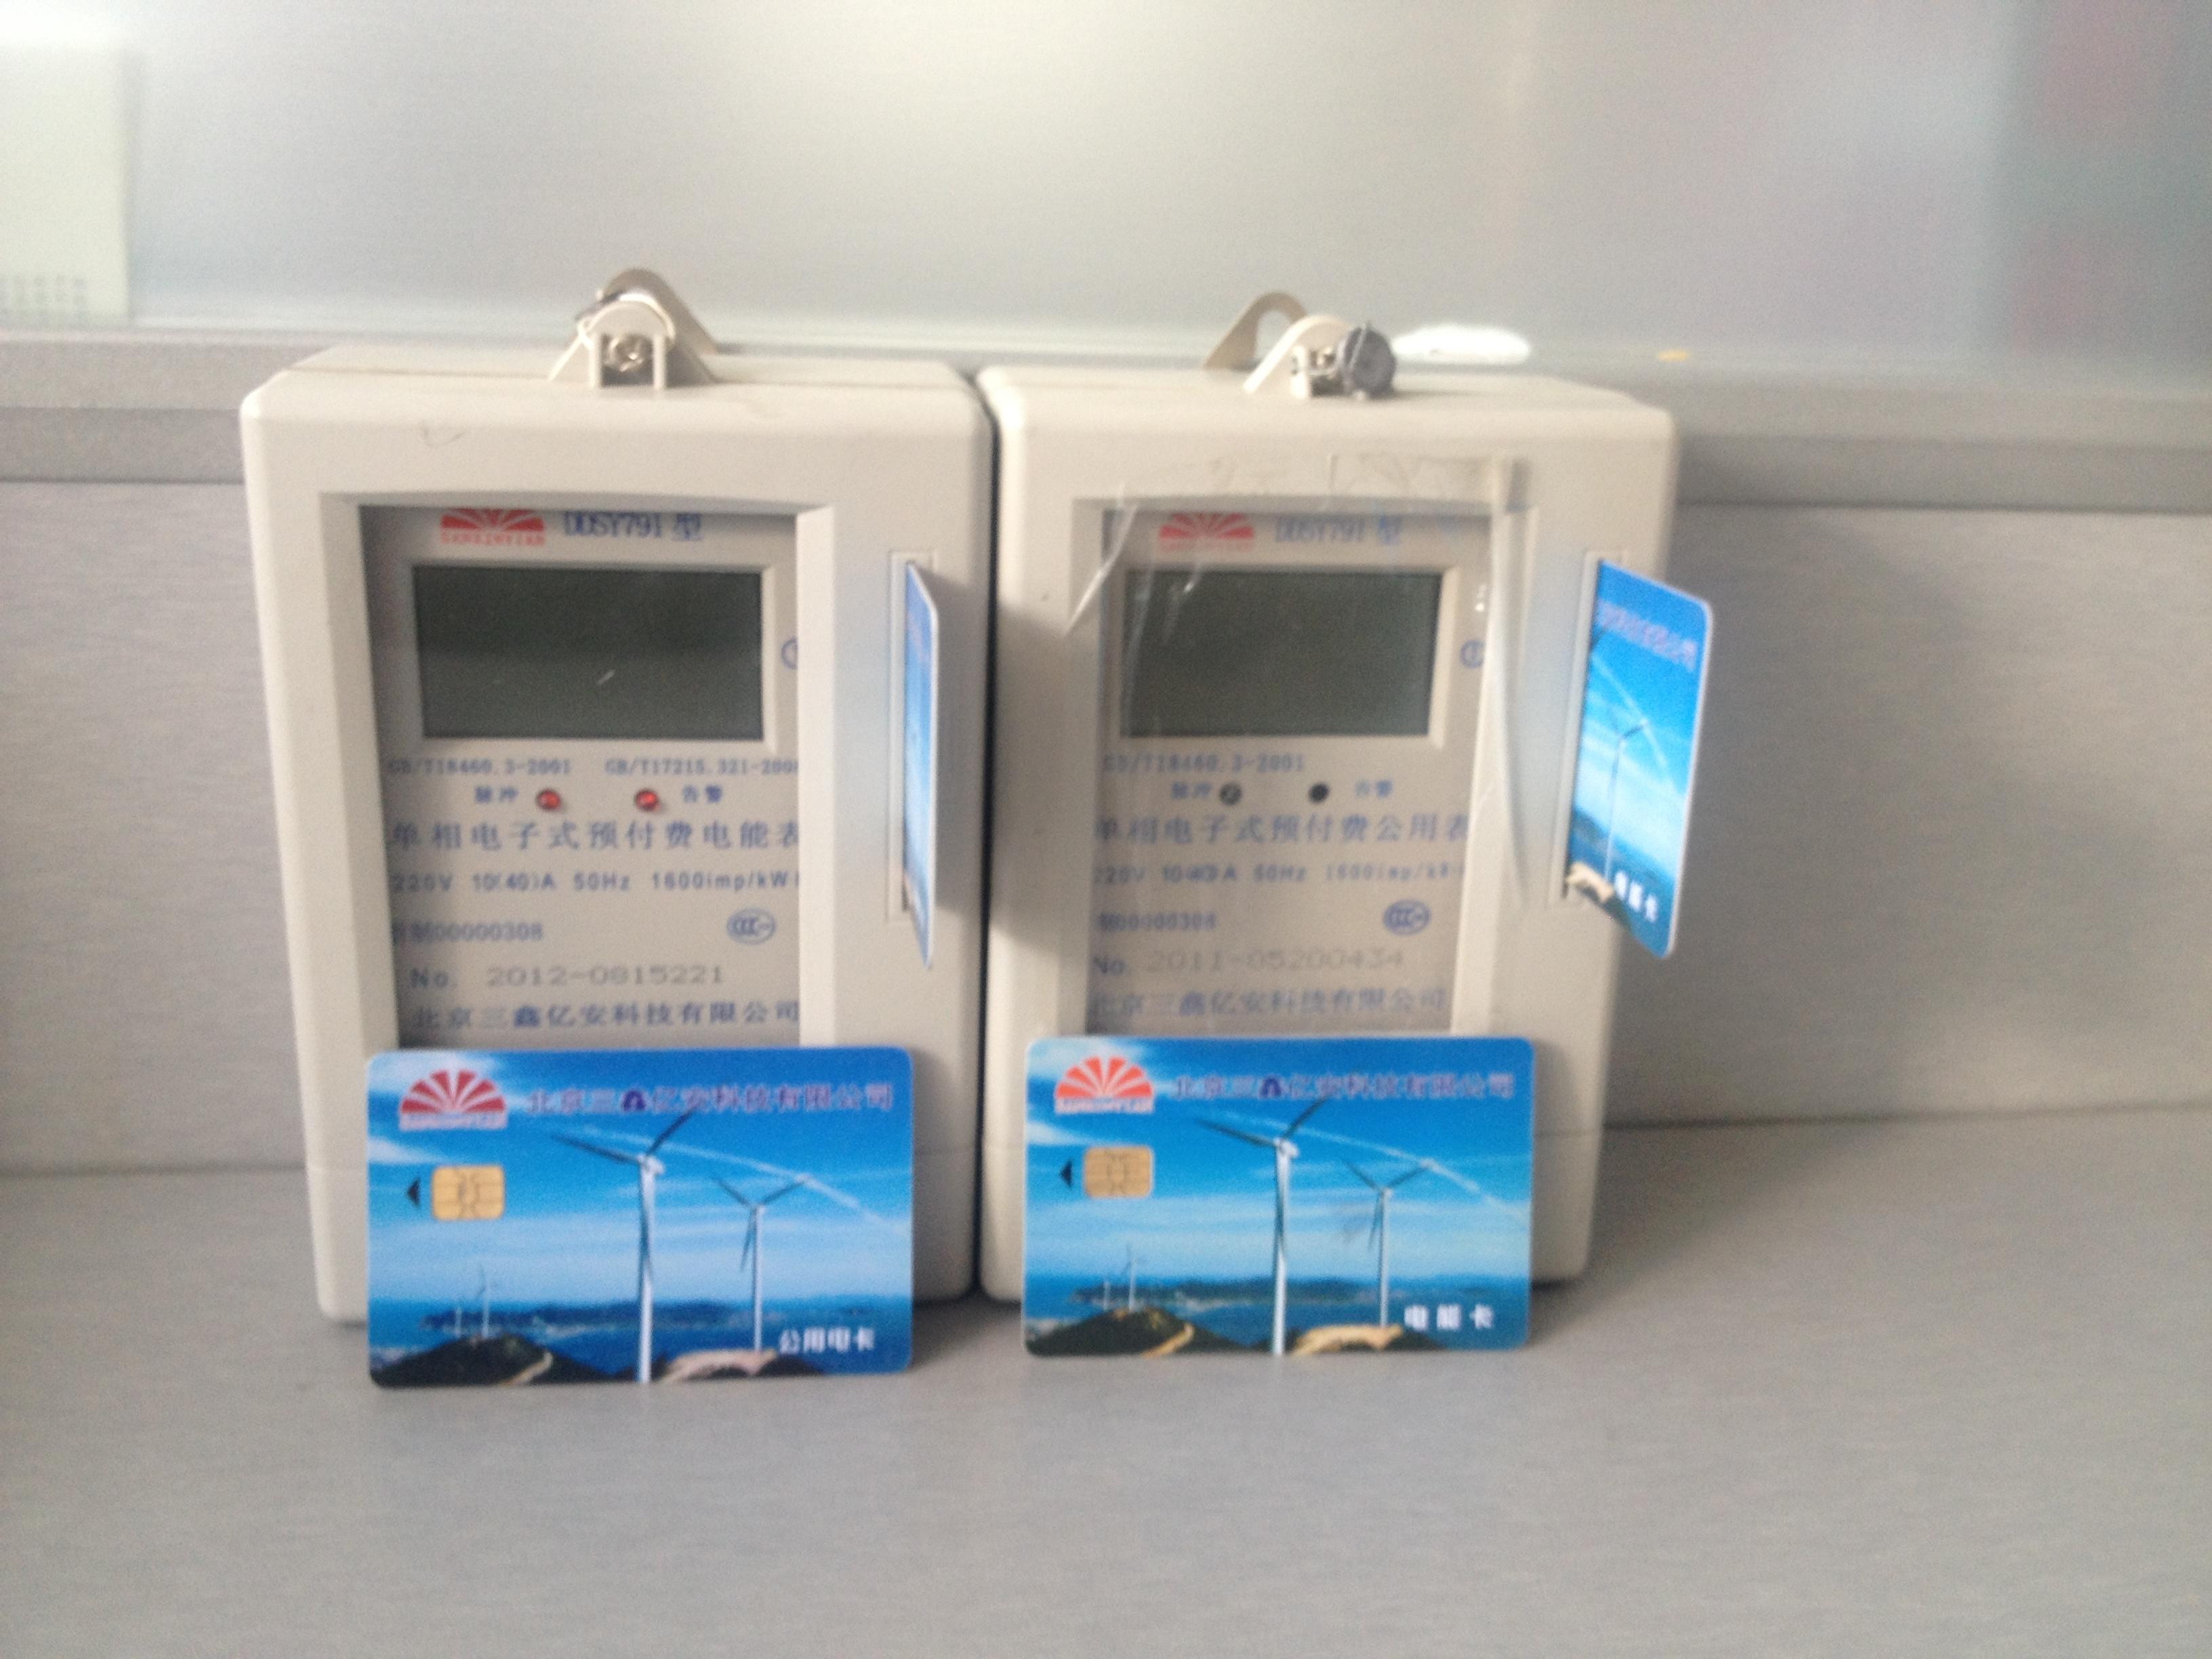 一、 什么是磁卡电度表? 简单来说磁卡预付费电度表是以磁卡作为电能量值数据传输介质,在电度表(电子式电度表或机械式电度表)中加入负荷控制部分等功能模块,从而实现电量抄收和电量结算的智能型电度表。 二、磁卡分类:磁卡又称IC卡 1、按芯片类型的不同,IC卡大致可分为:存储器卡,逻辑加密卡,和CPU卡三种。 2、按照嵌入集成电路芯片的形式,IC卡可分为:接触型卡和非接触型卡两种。 三、磁卡电表组成:管理售电系统、磁卡、读卡器、磁卡电表 四、.